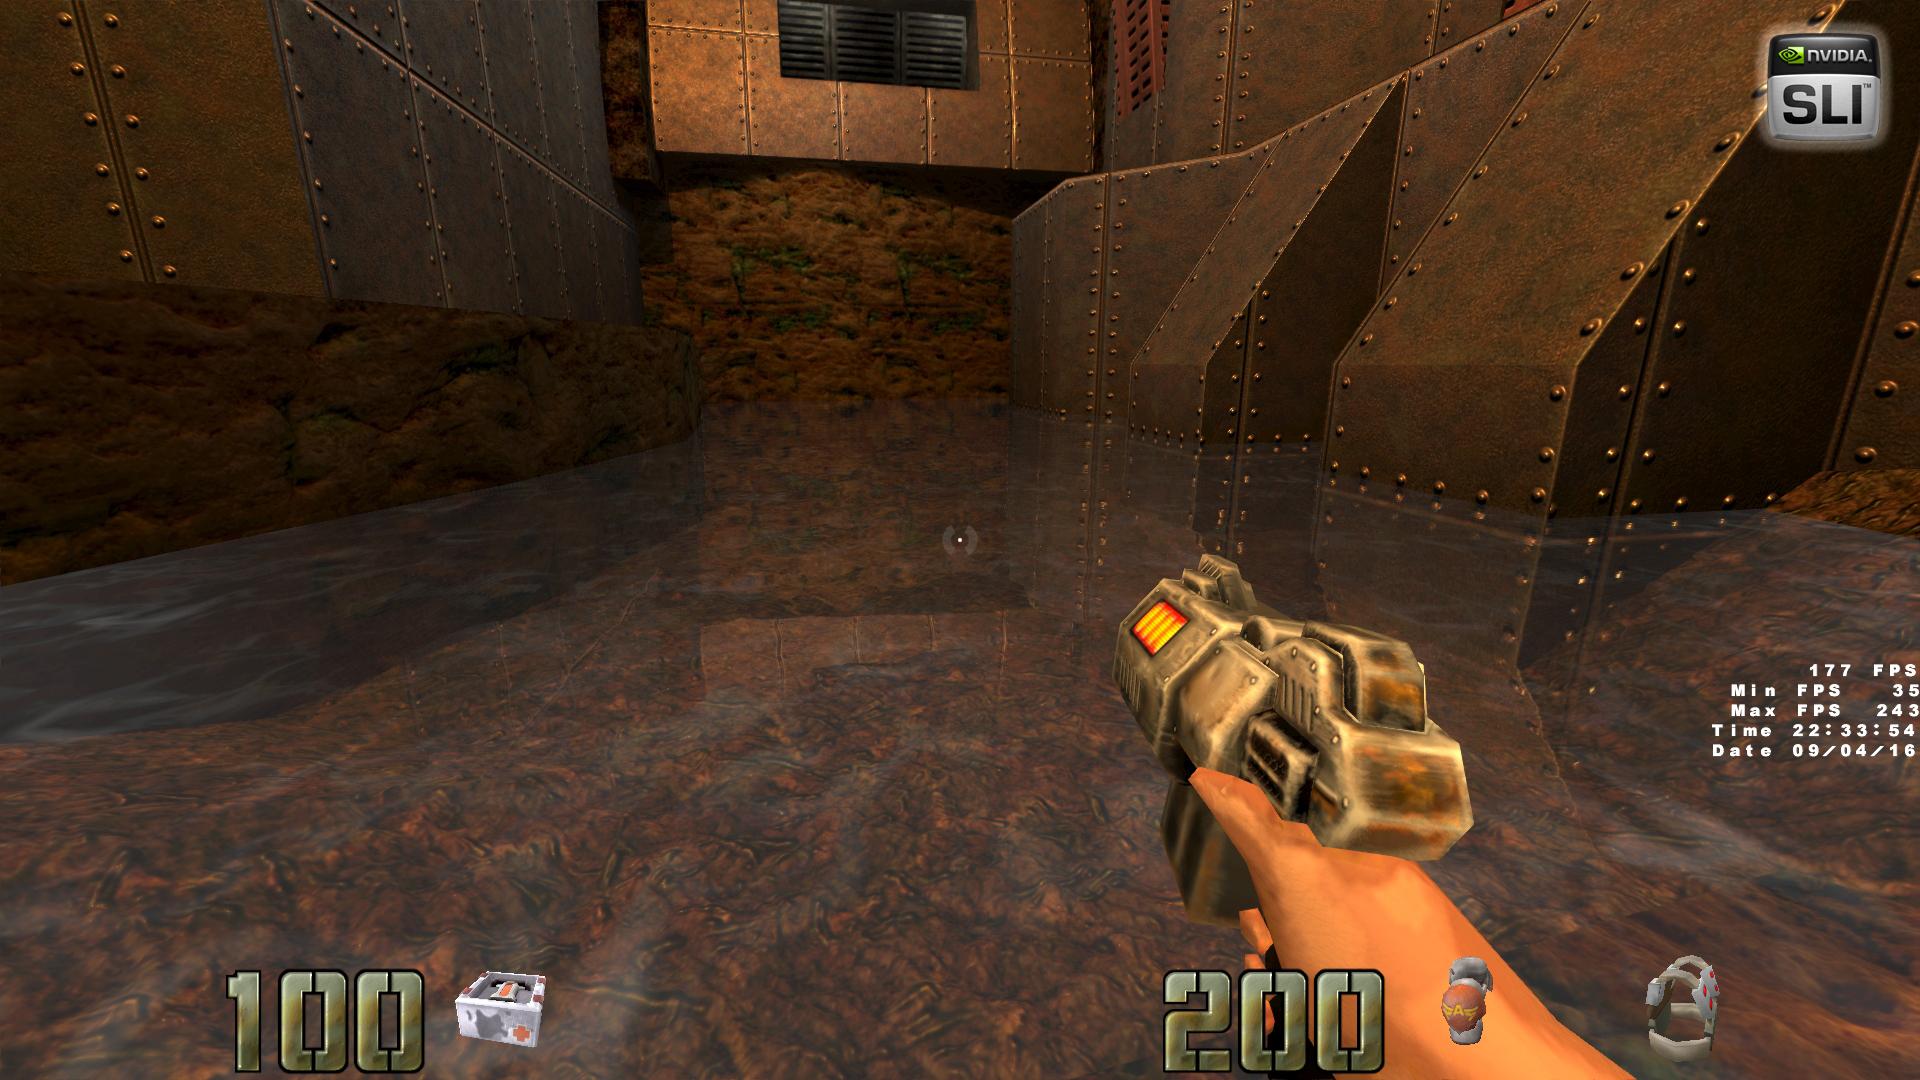 How To Install Quake 2 Xp Mod